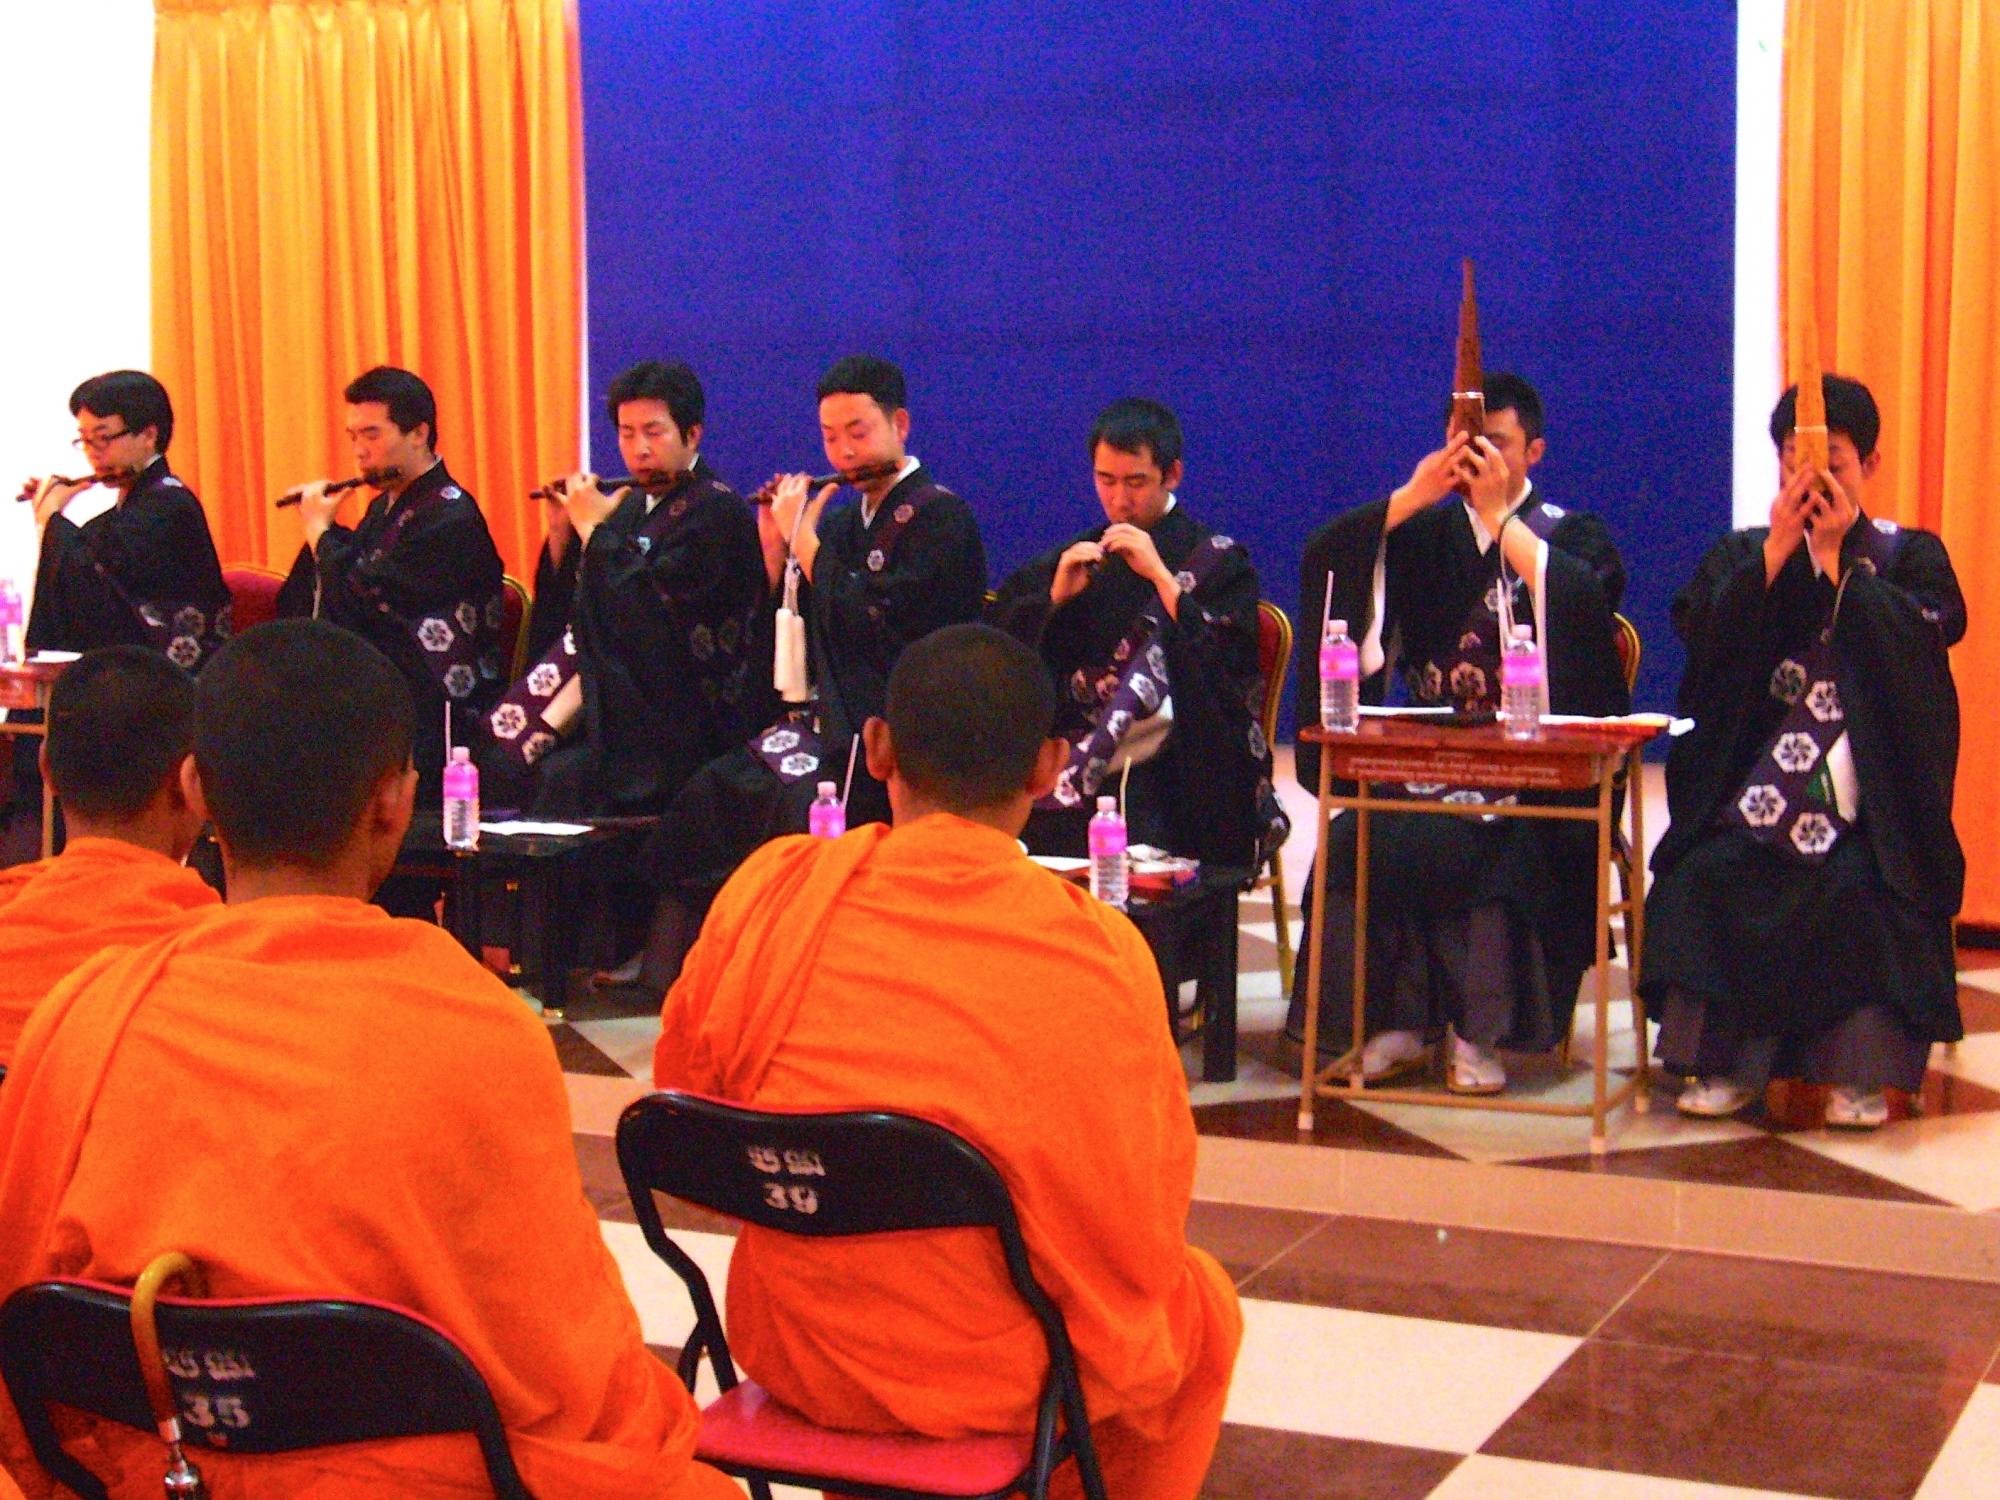 無理をしない程度に、自分たちができる範囲で、継続して行える活動をブログJSRの仏教交流。